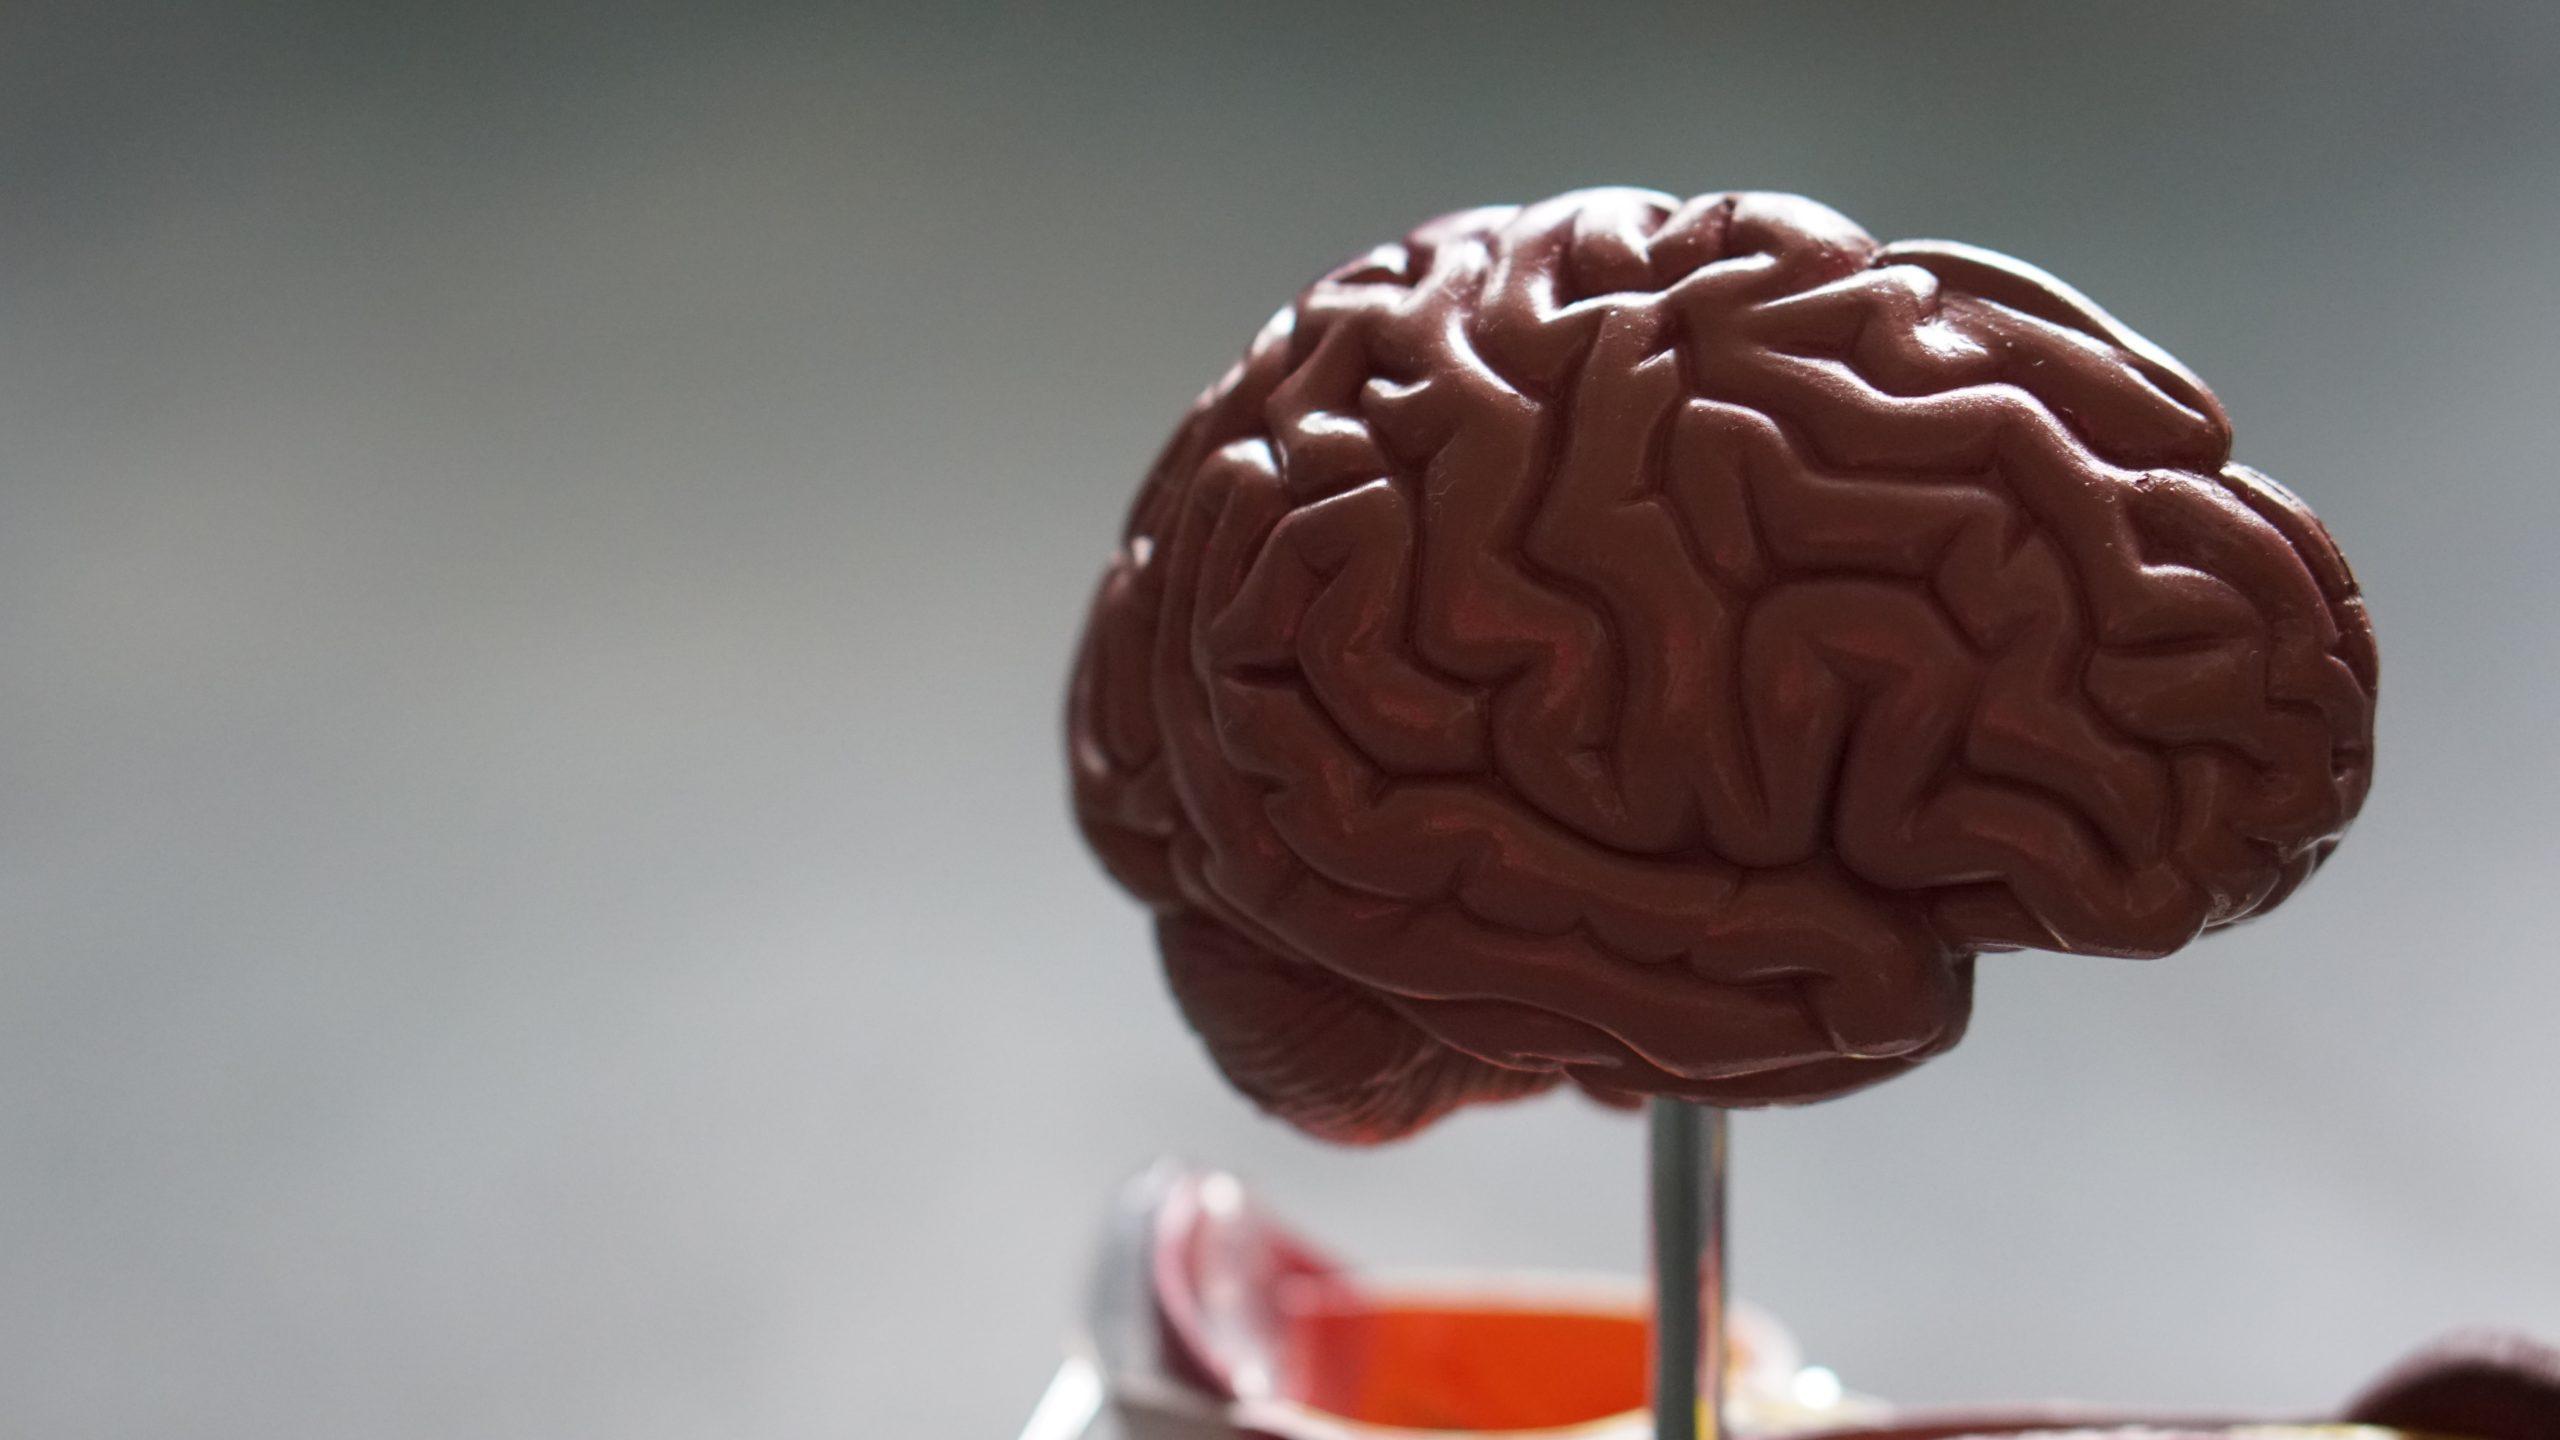 plasticidad-neuronal-modificación-en-el-cerebro-neuroclass